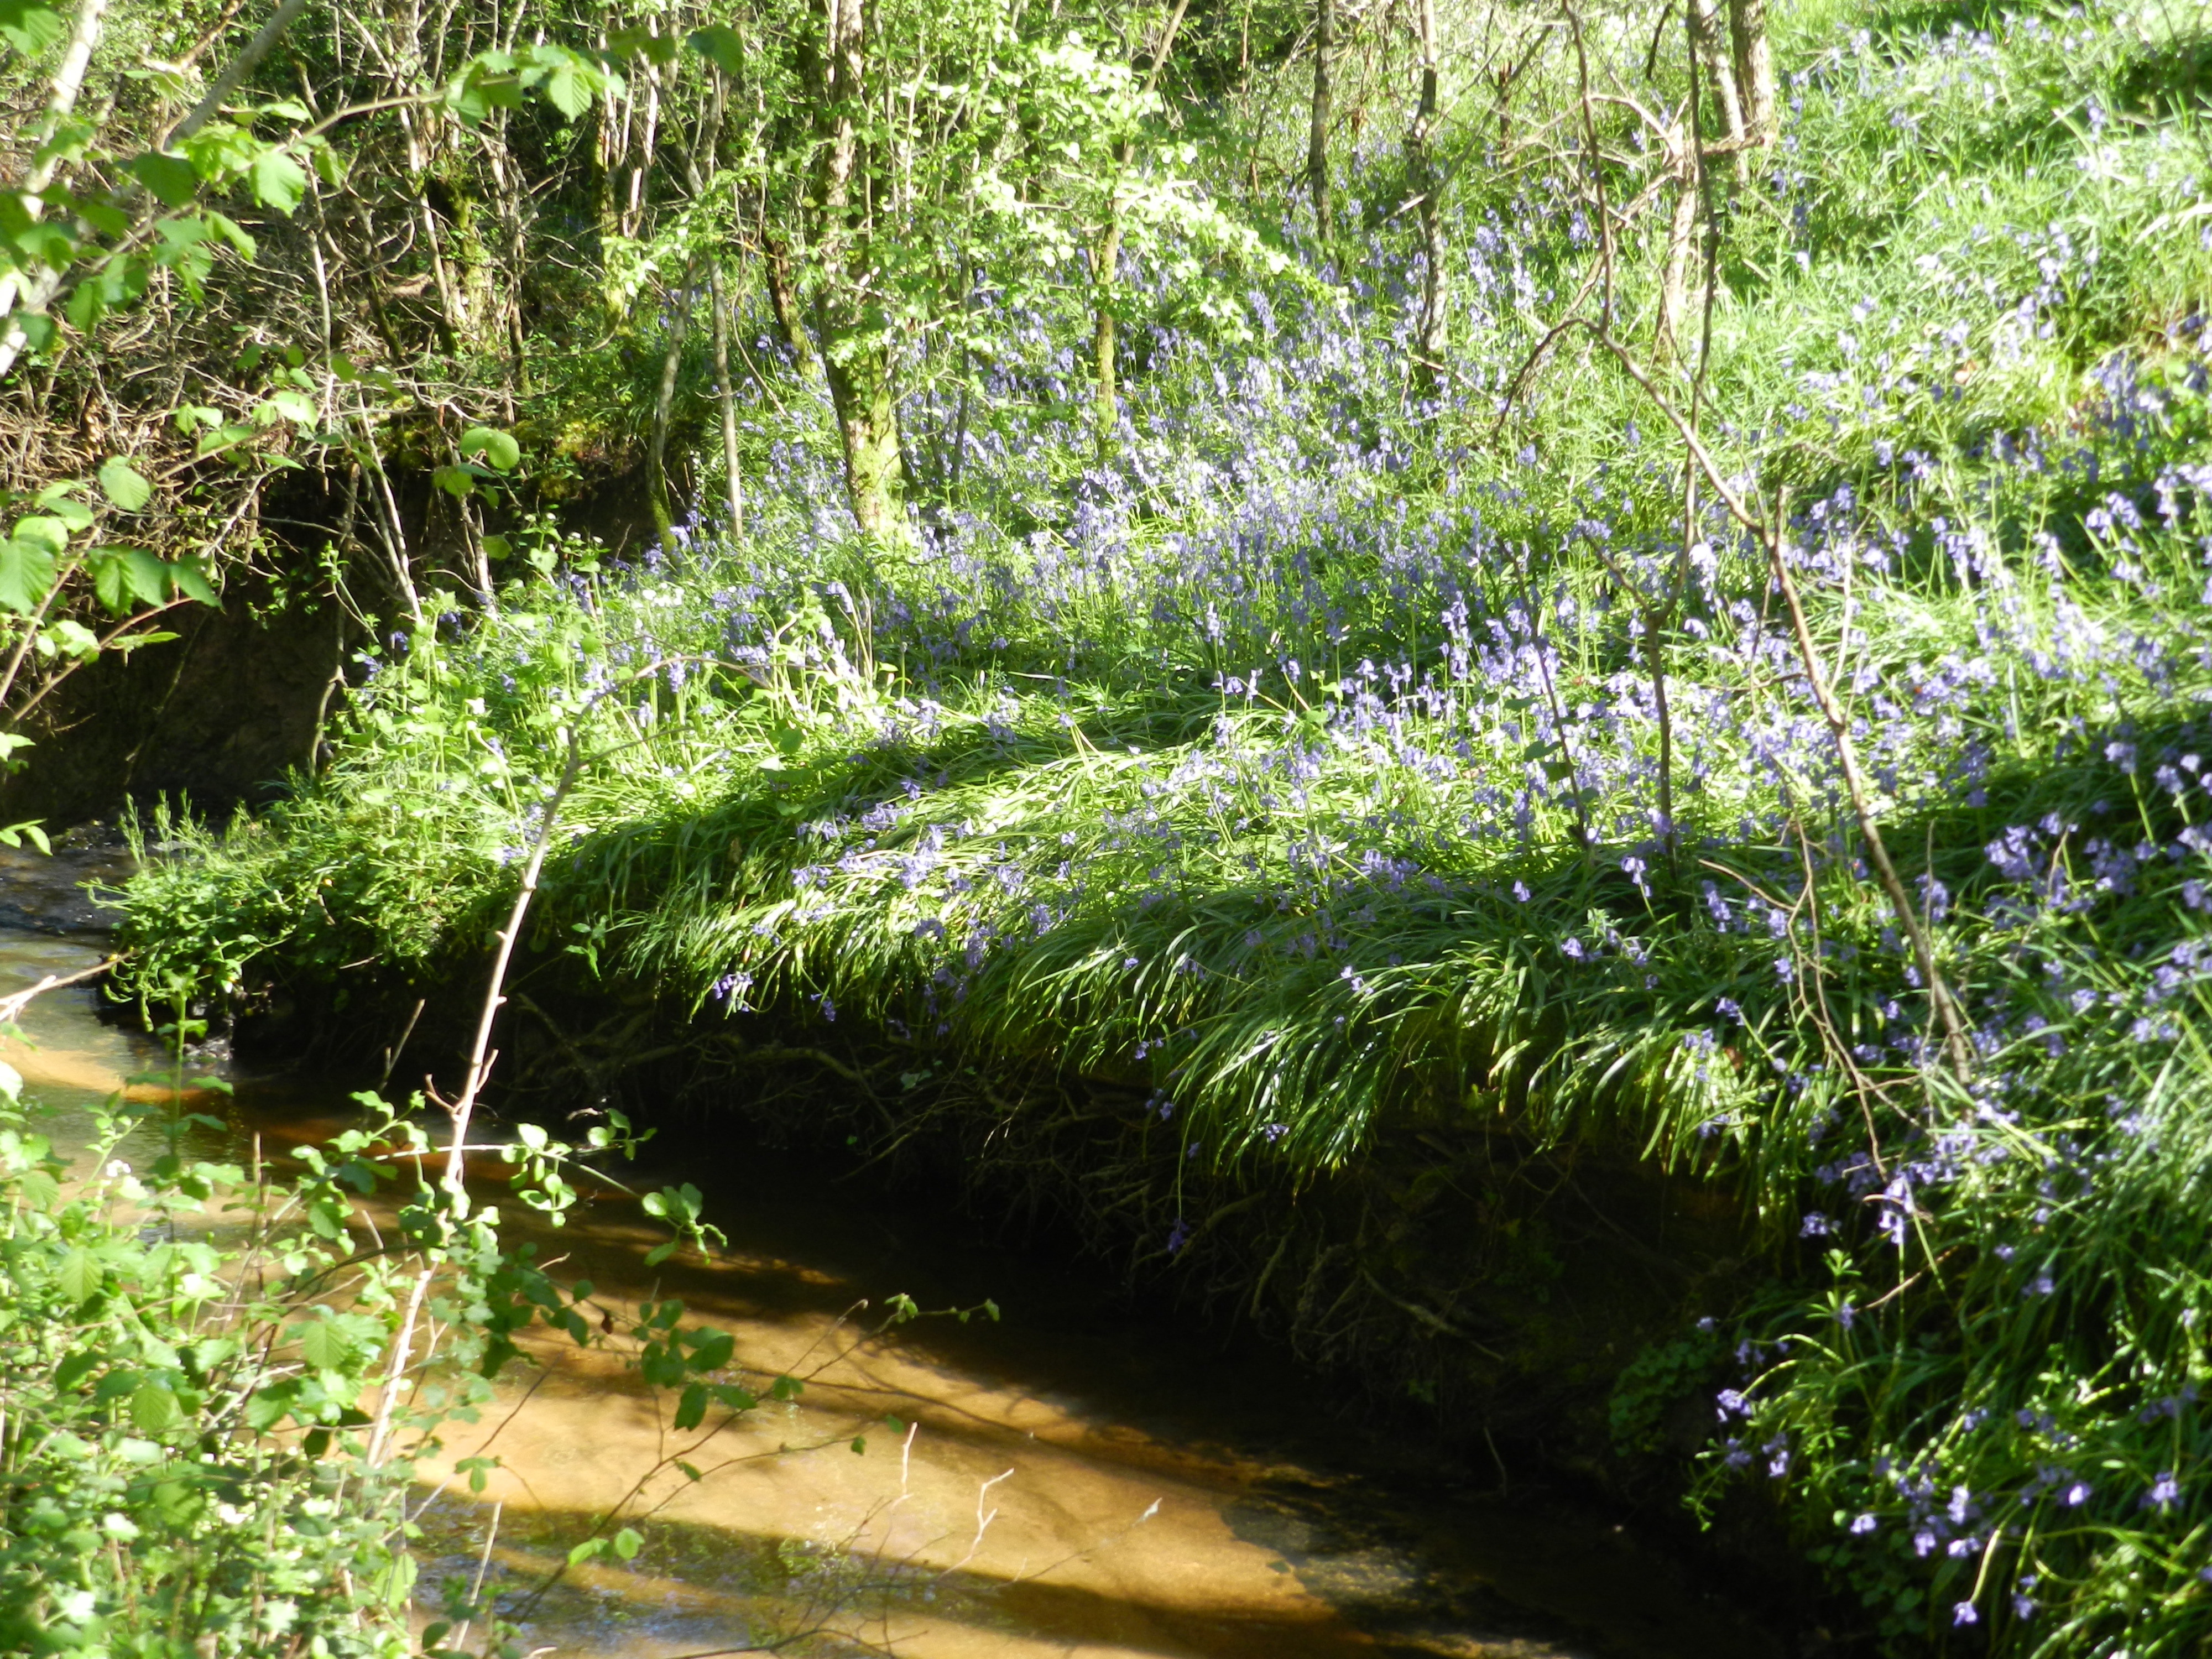 Le ruisseau du Thiolais et sa berge fleuri d'asperges sauvages